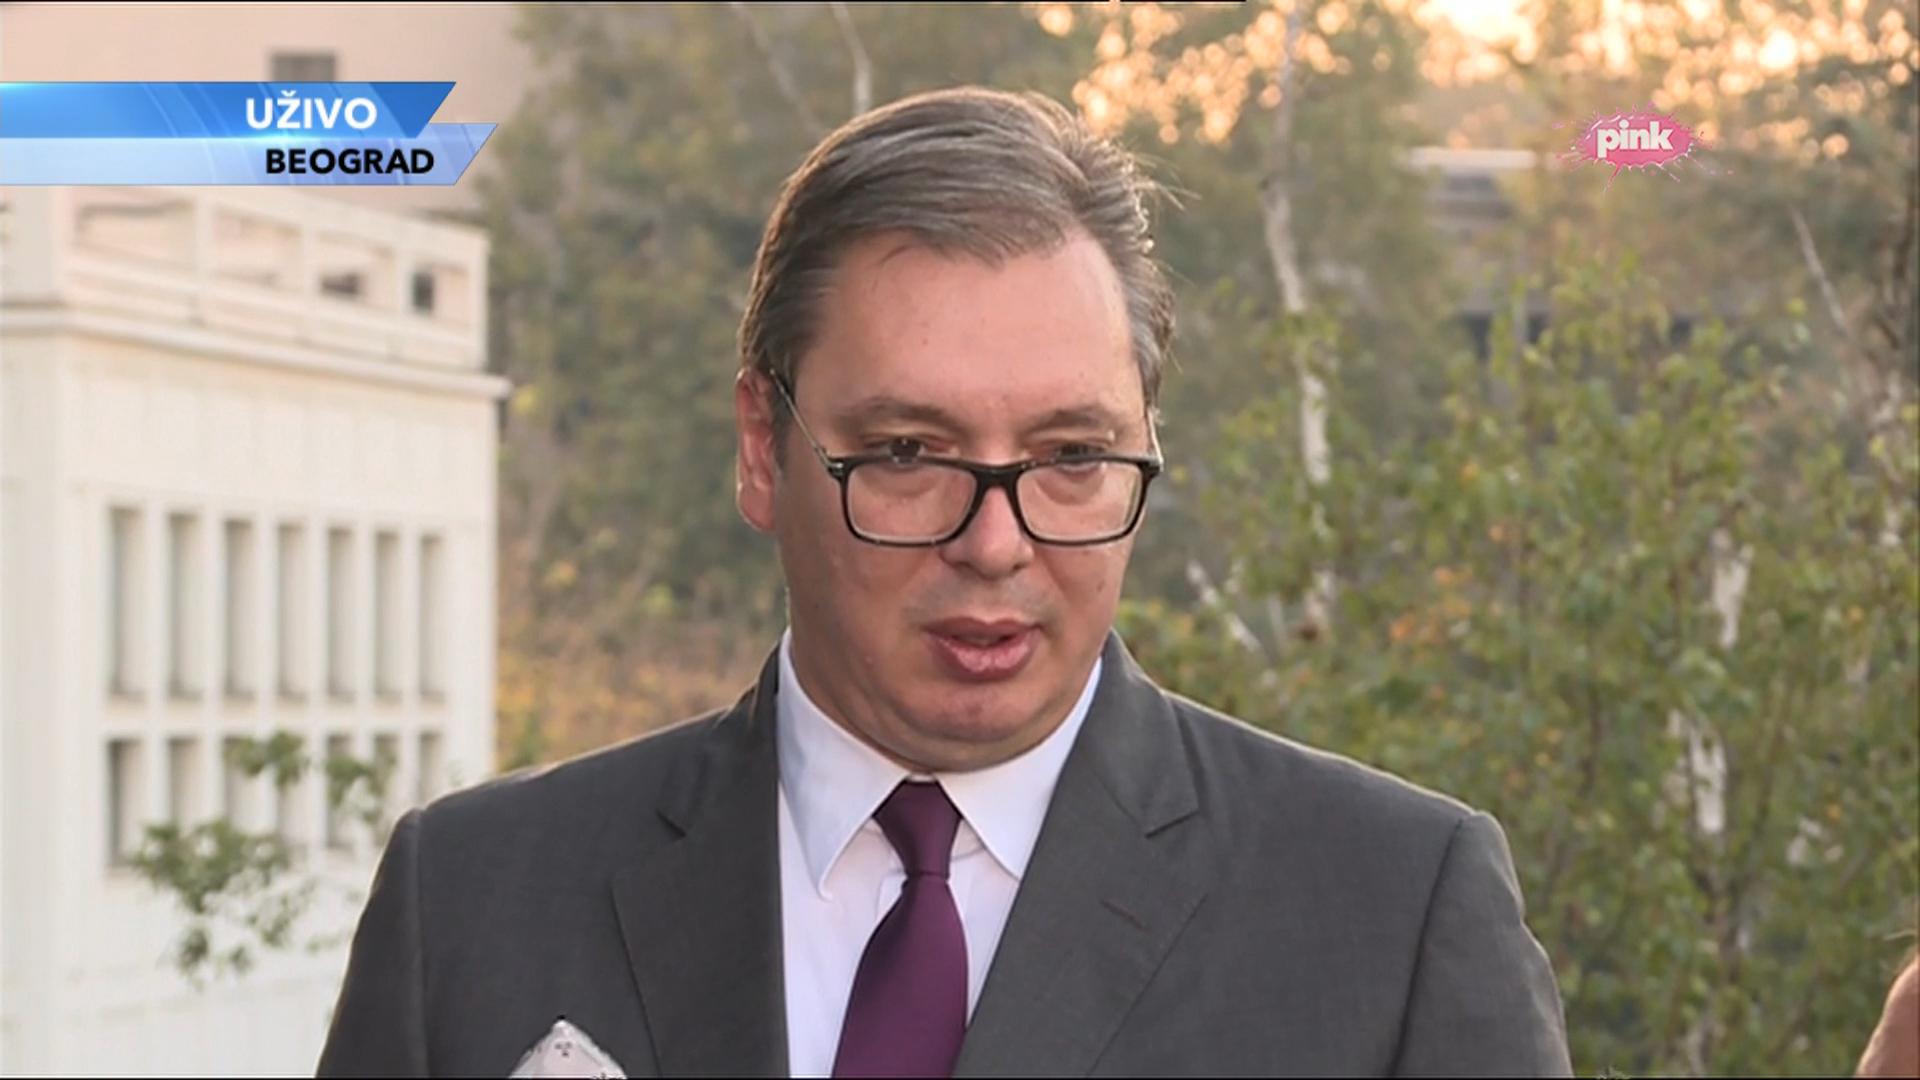 Predsednik Srbije Aleksandar Vucic daje izjave medijima na konferenciji EU i Srbija zajednicka sudbina - ukljucenje u Dnevnik Pinka